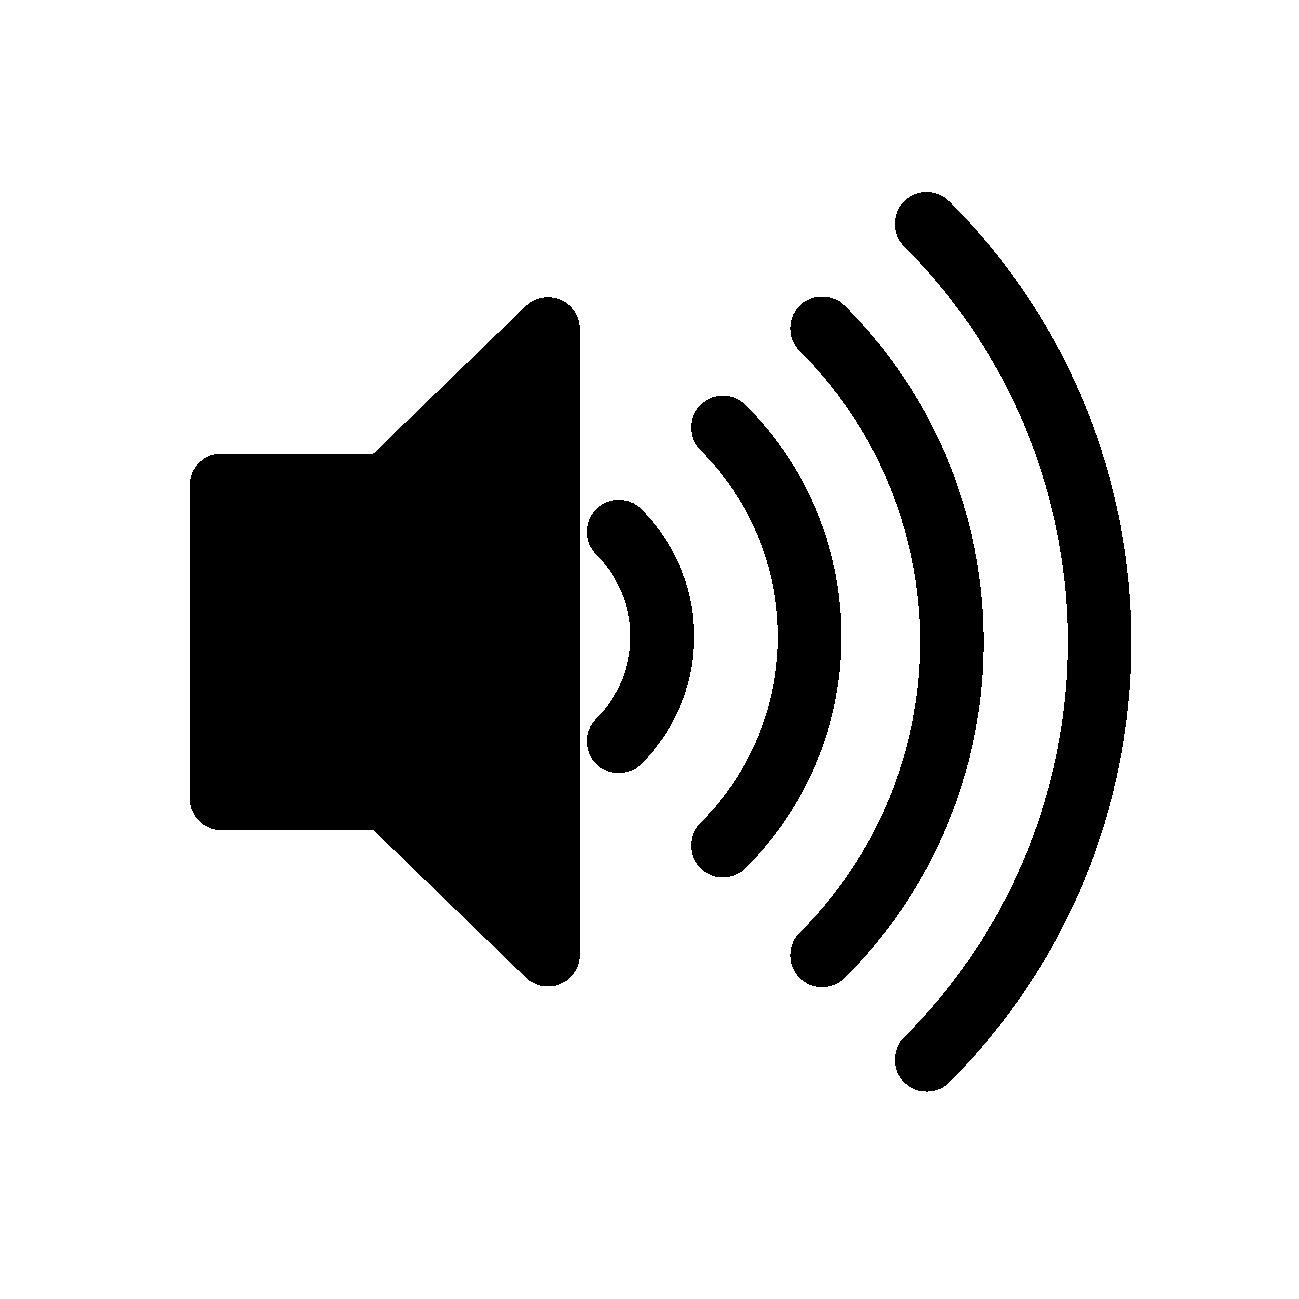 他人の音が気になる方